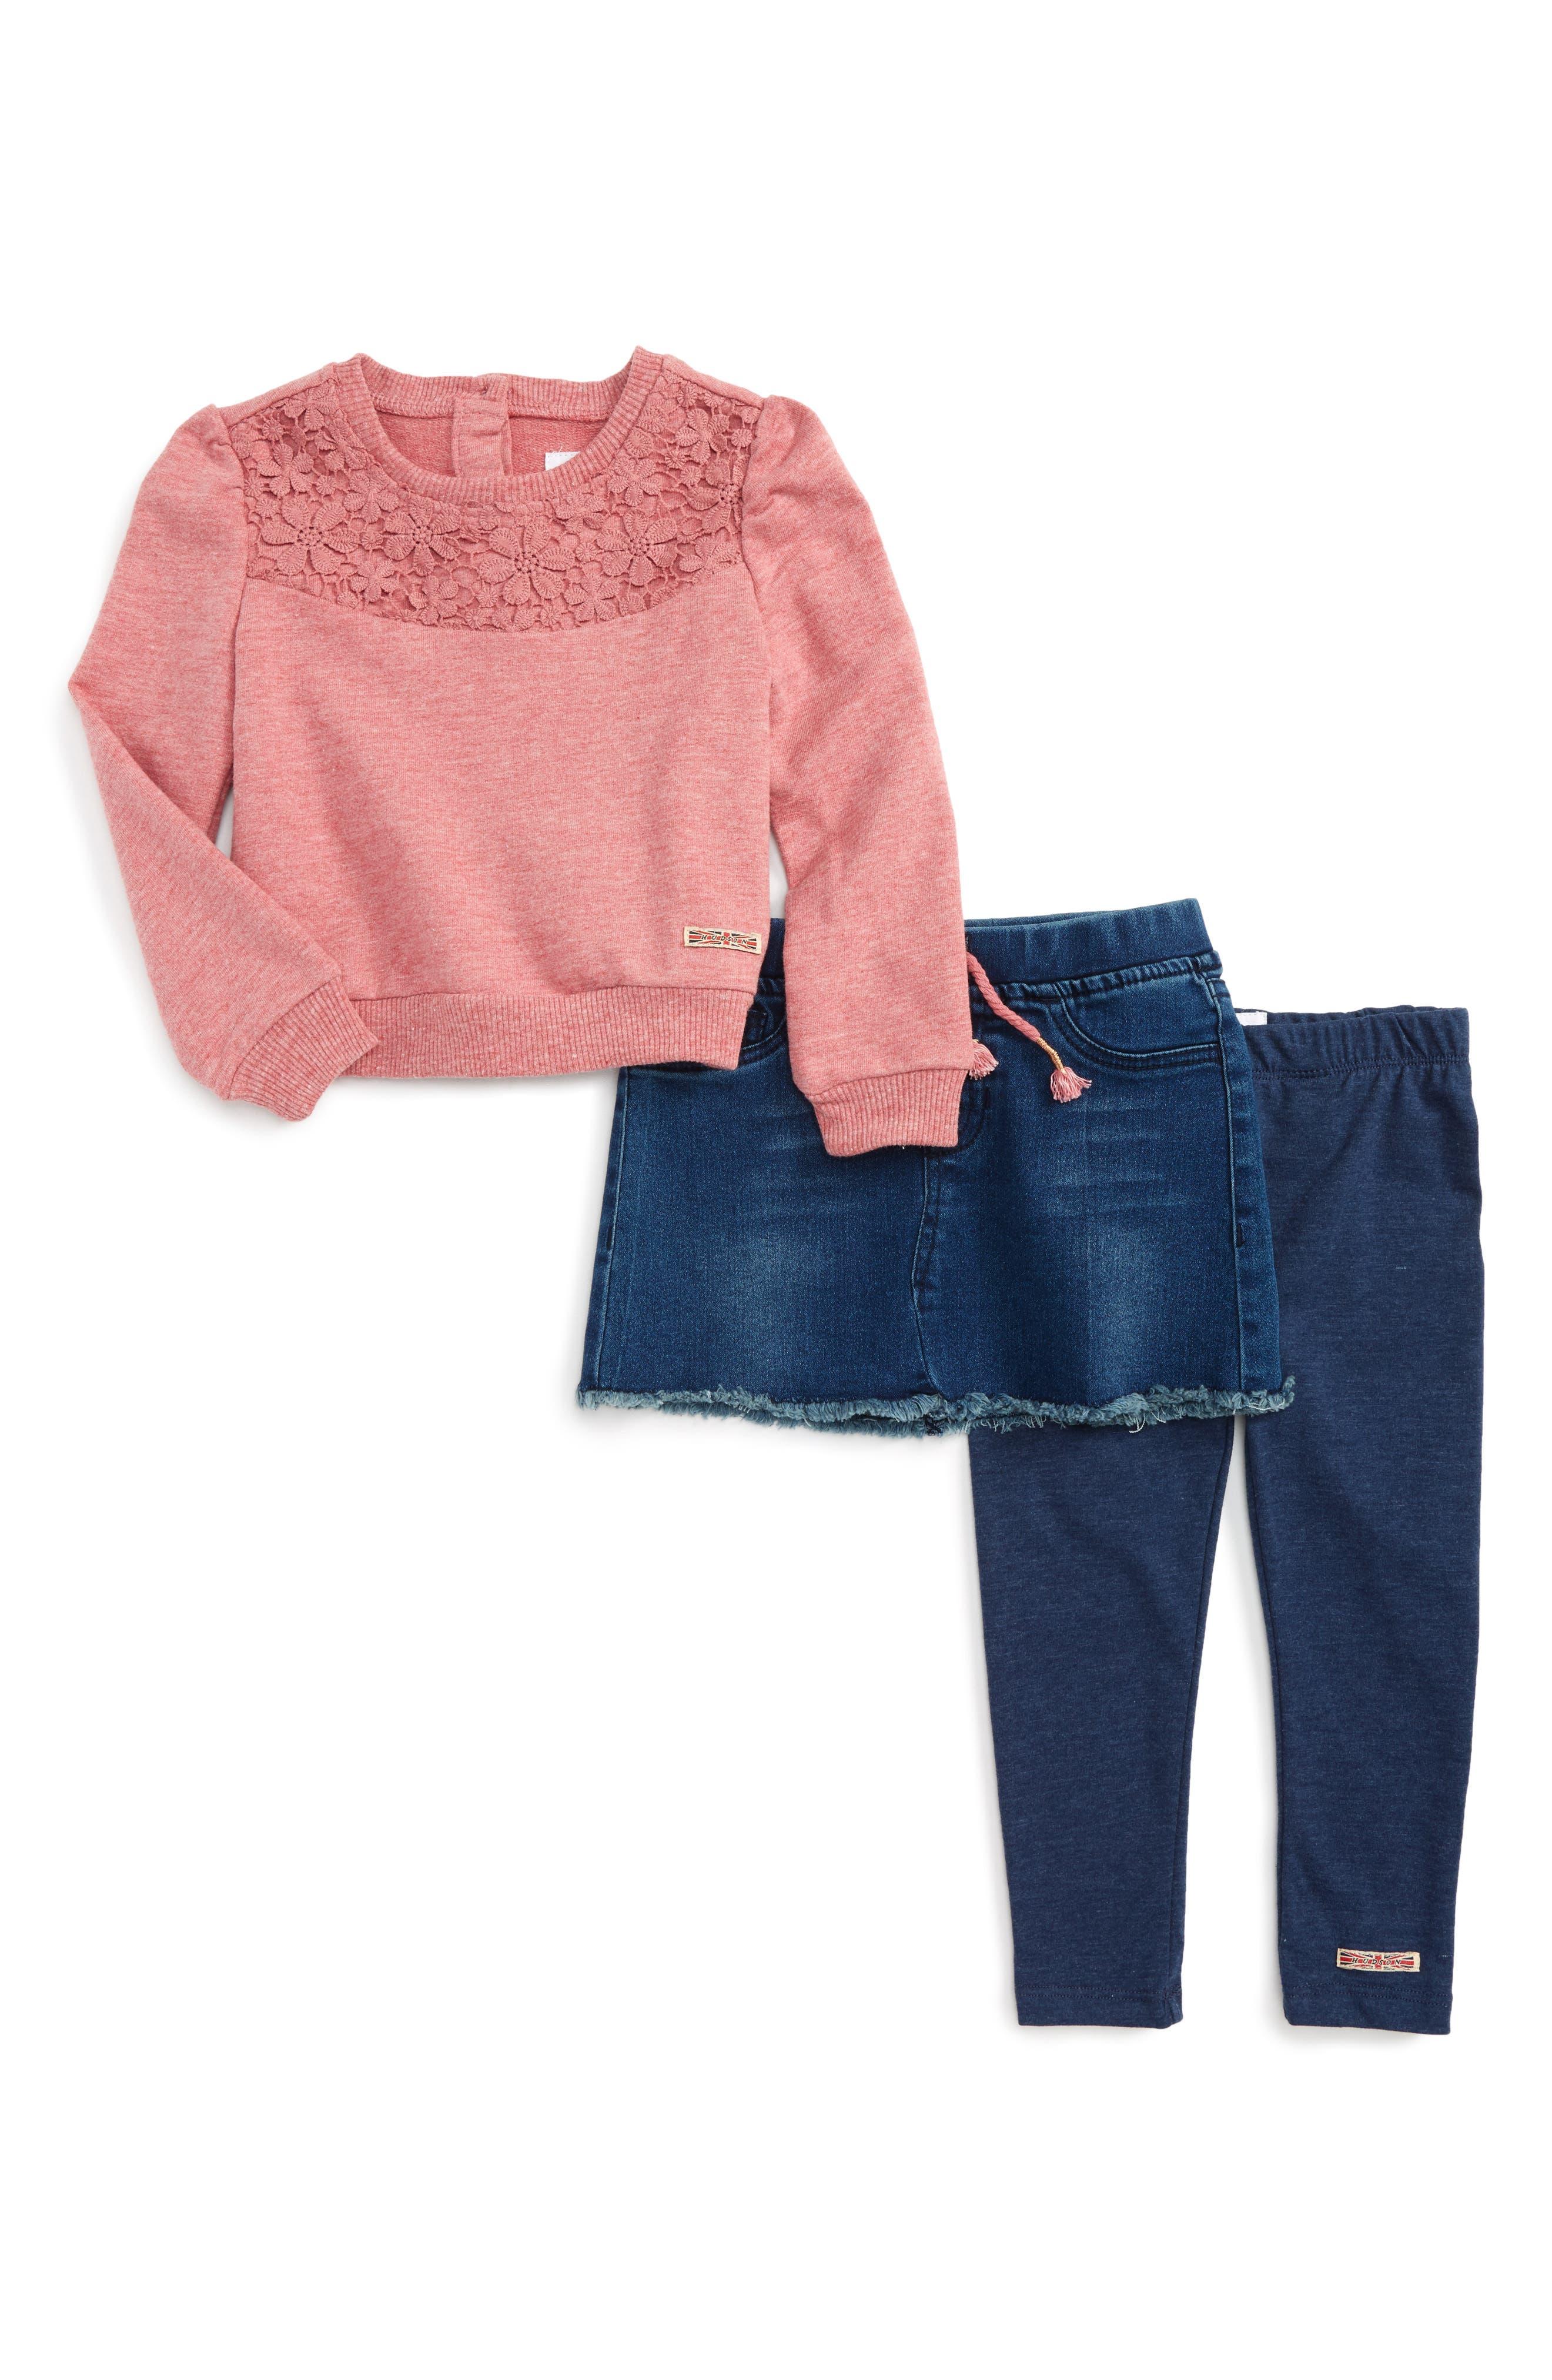 Hudson Kids Crochet Pullover, Denim Skirt & Leggings Set (Toddler Girls)